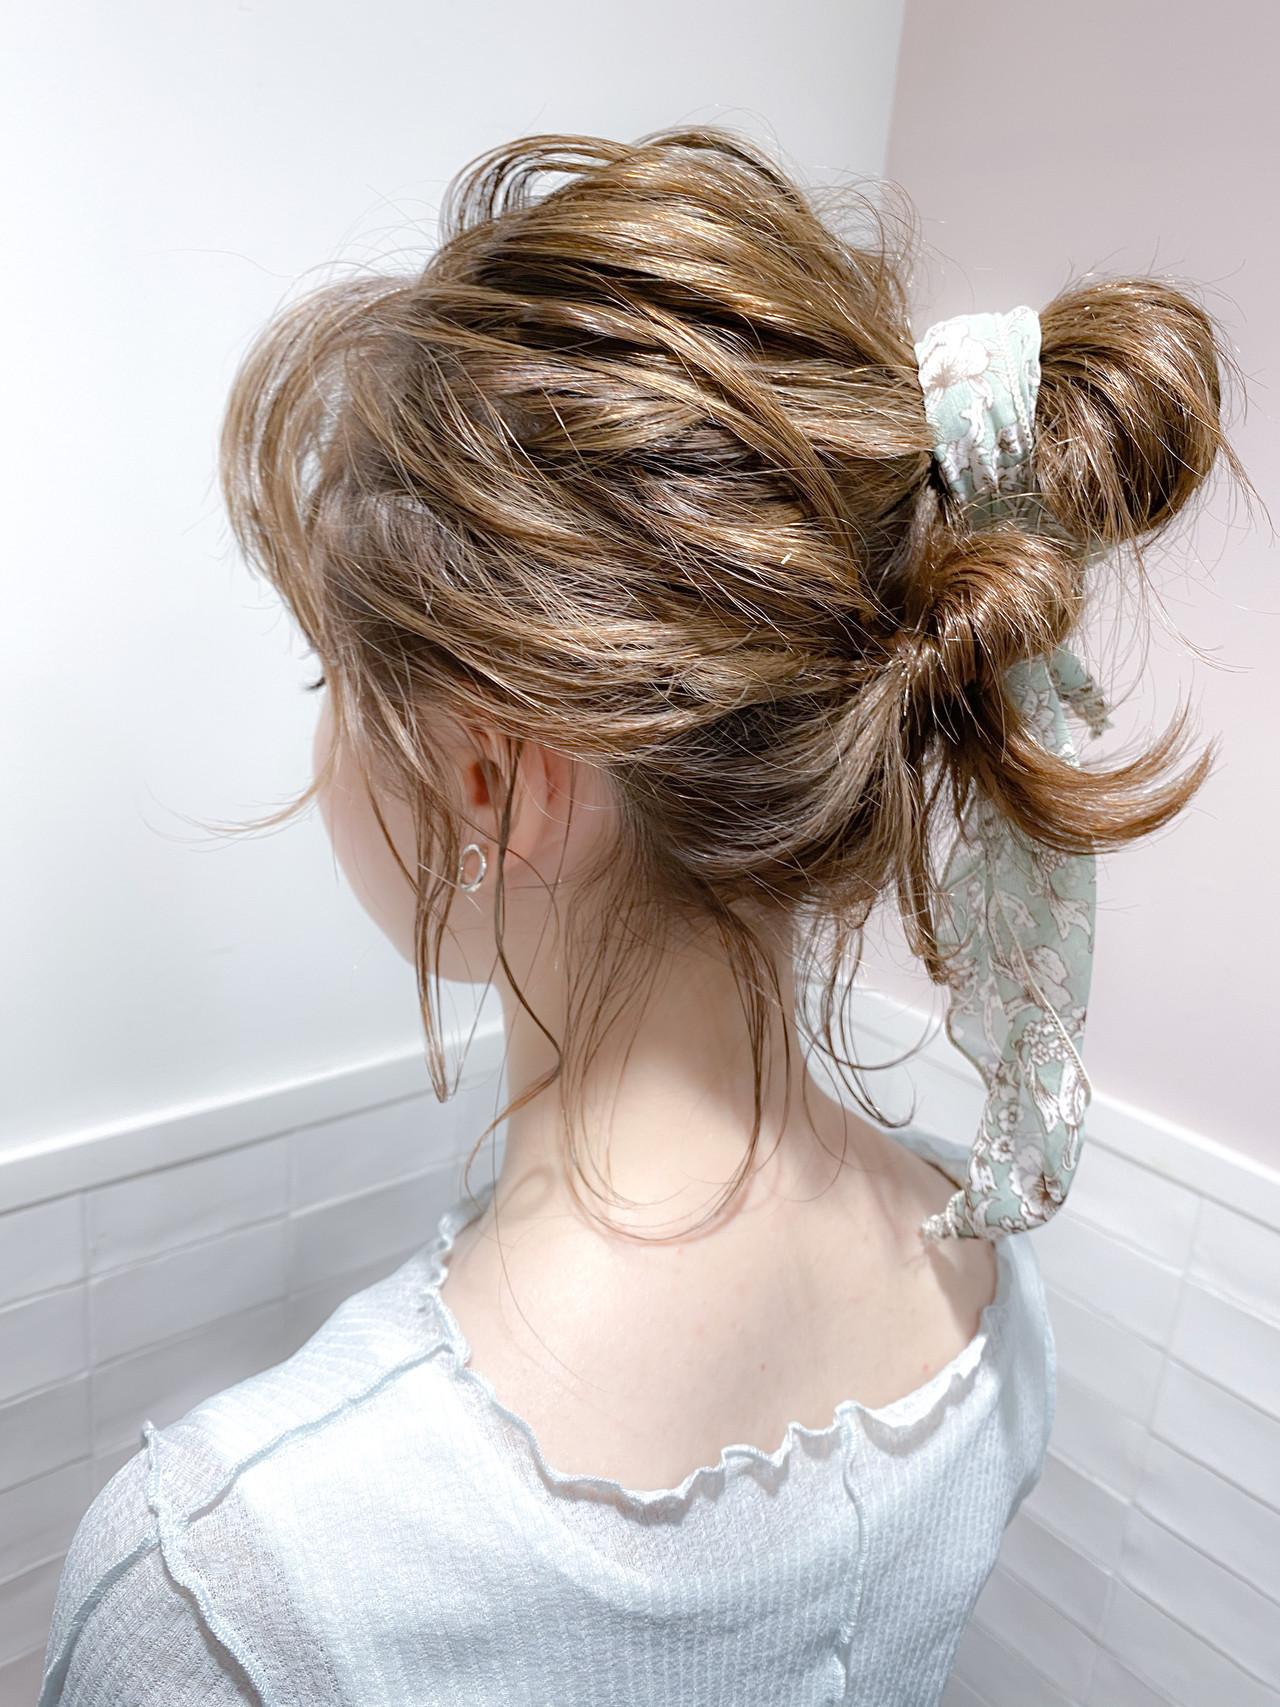 お団子アレンジ ナチュラルウルフ ヘアアレンジ ナチュラル ヘアスタイルや髪型の写真・画像